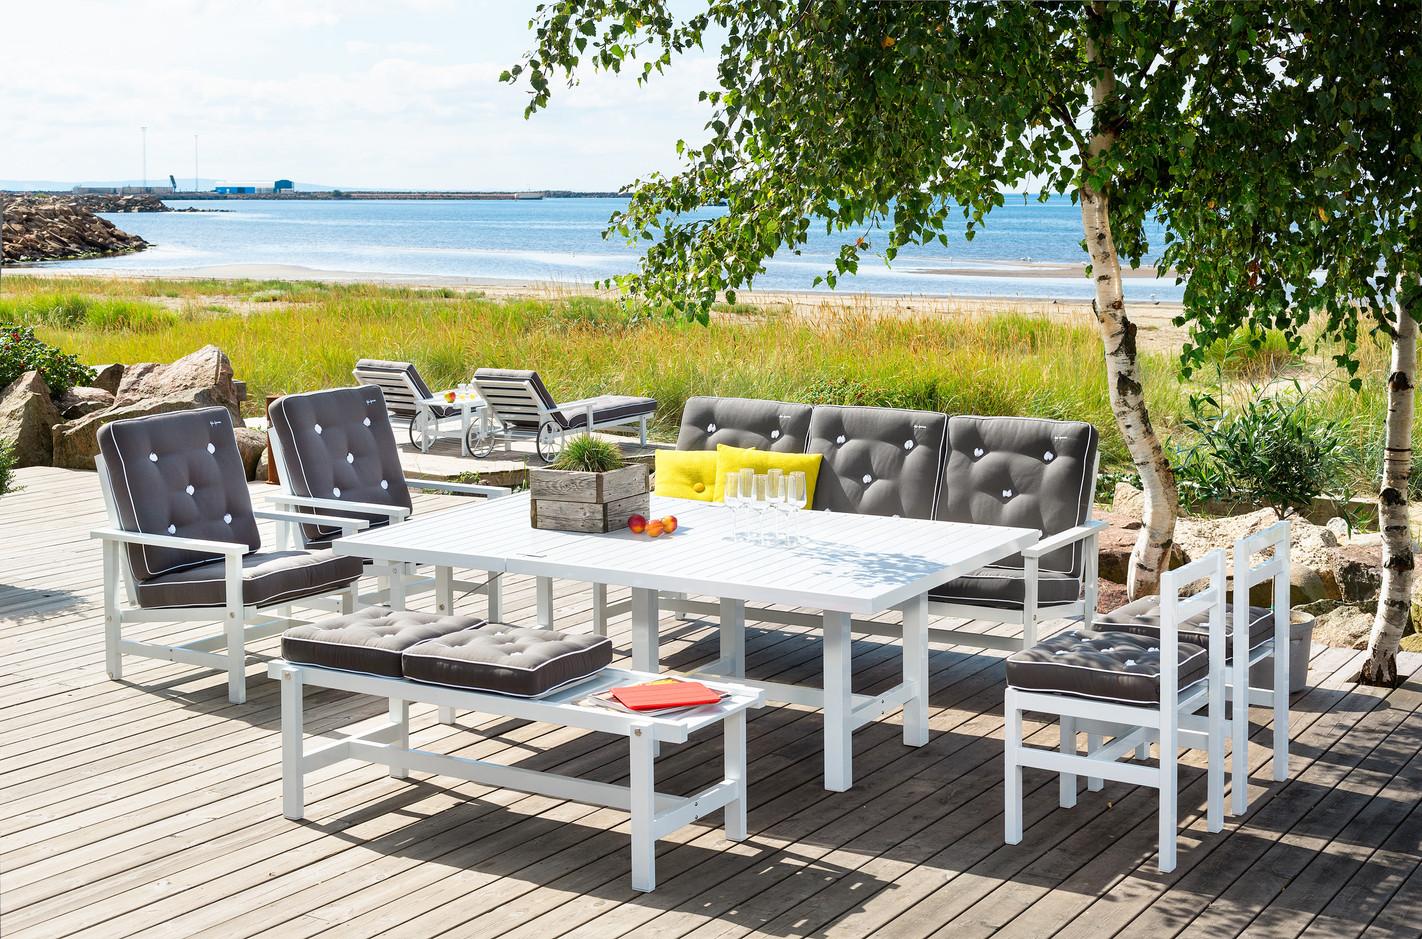 Vit aluminium 3-sits soffa - Bild 1